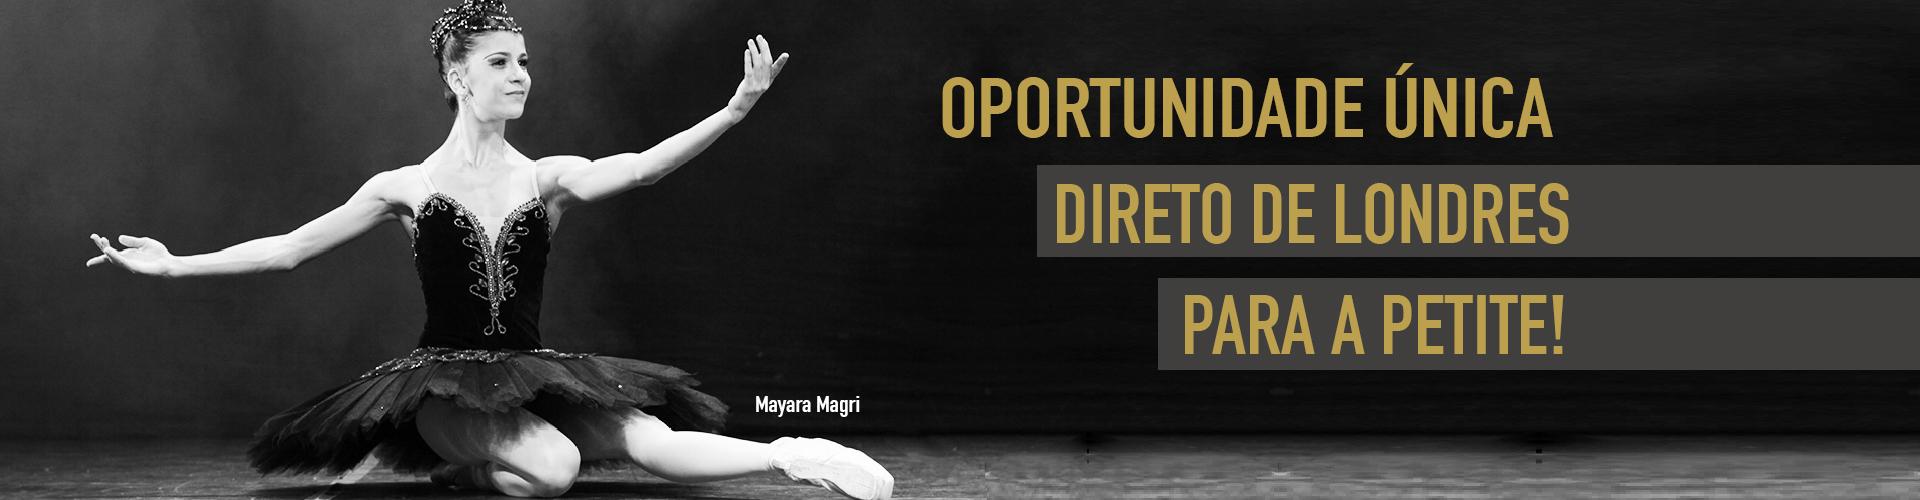 Mayara Magri foi uma das alunas de maior destaque da Escola Petite Danse. Entre 2010 e 2011, ainda como aluna, ela ganhou primeiro lugar nos três principais festivais de dança do mundo